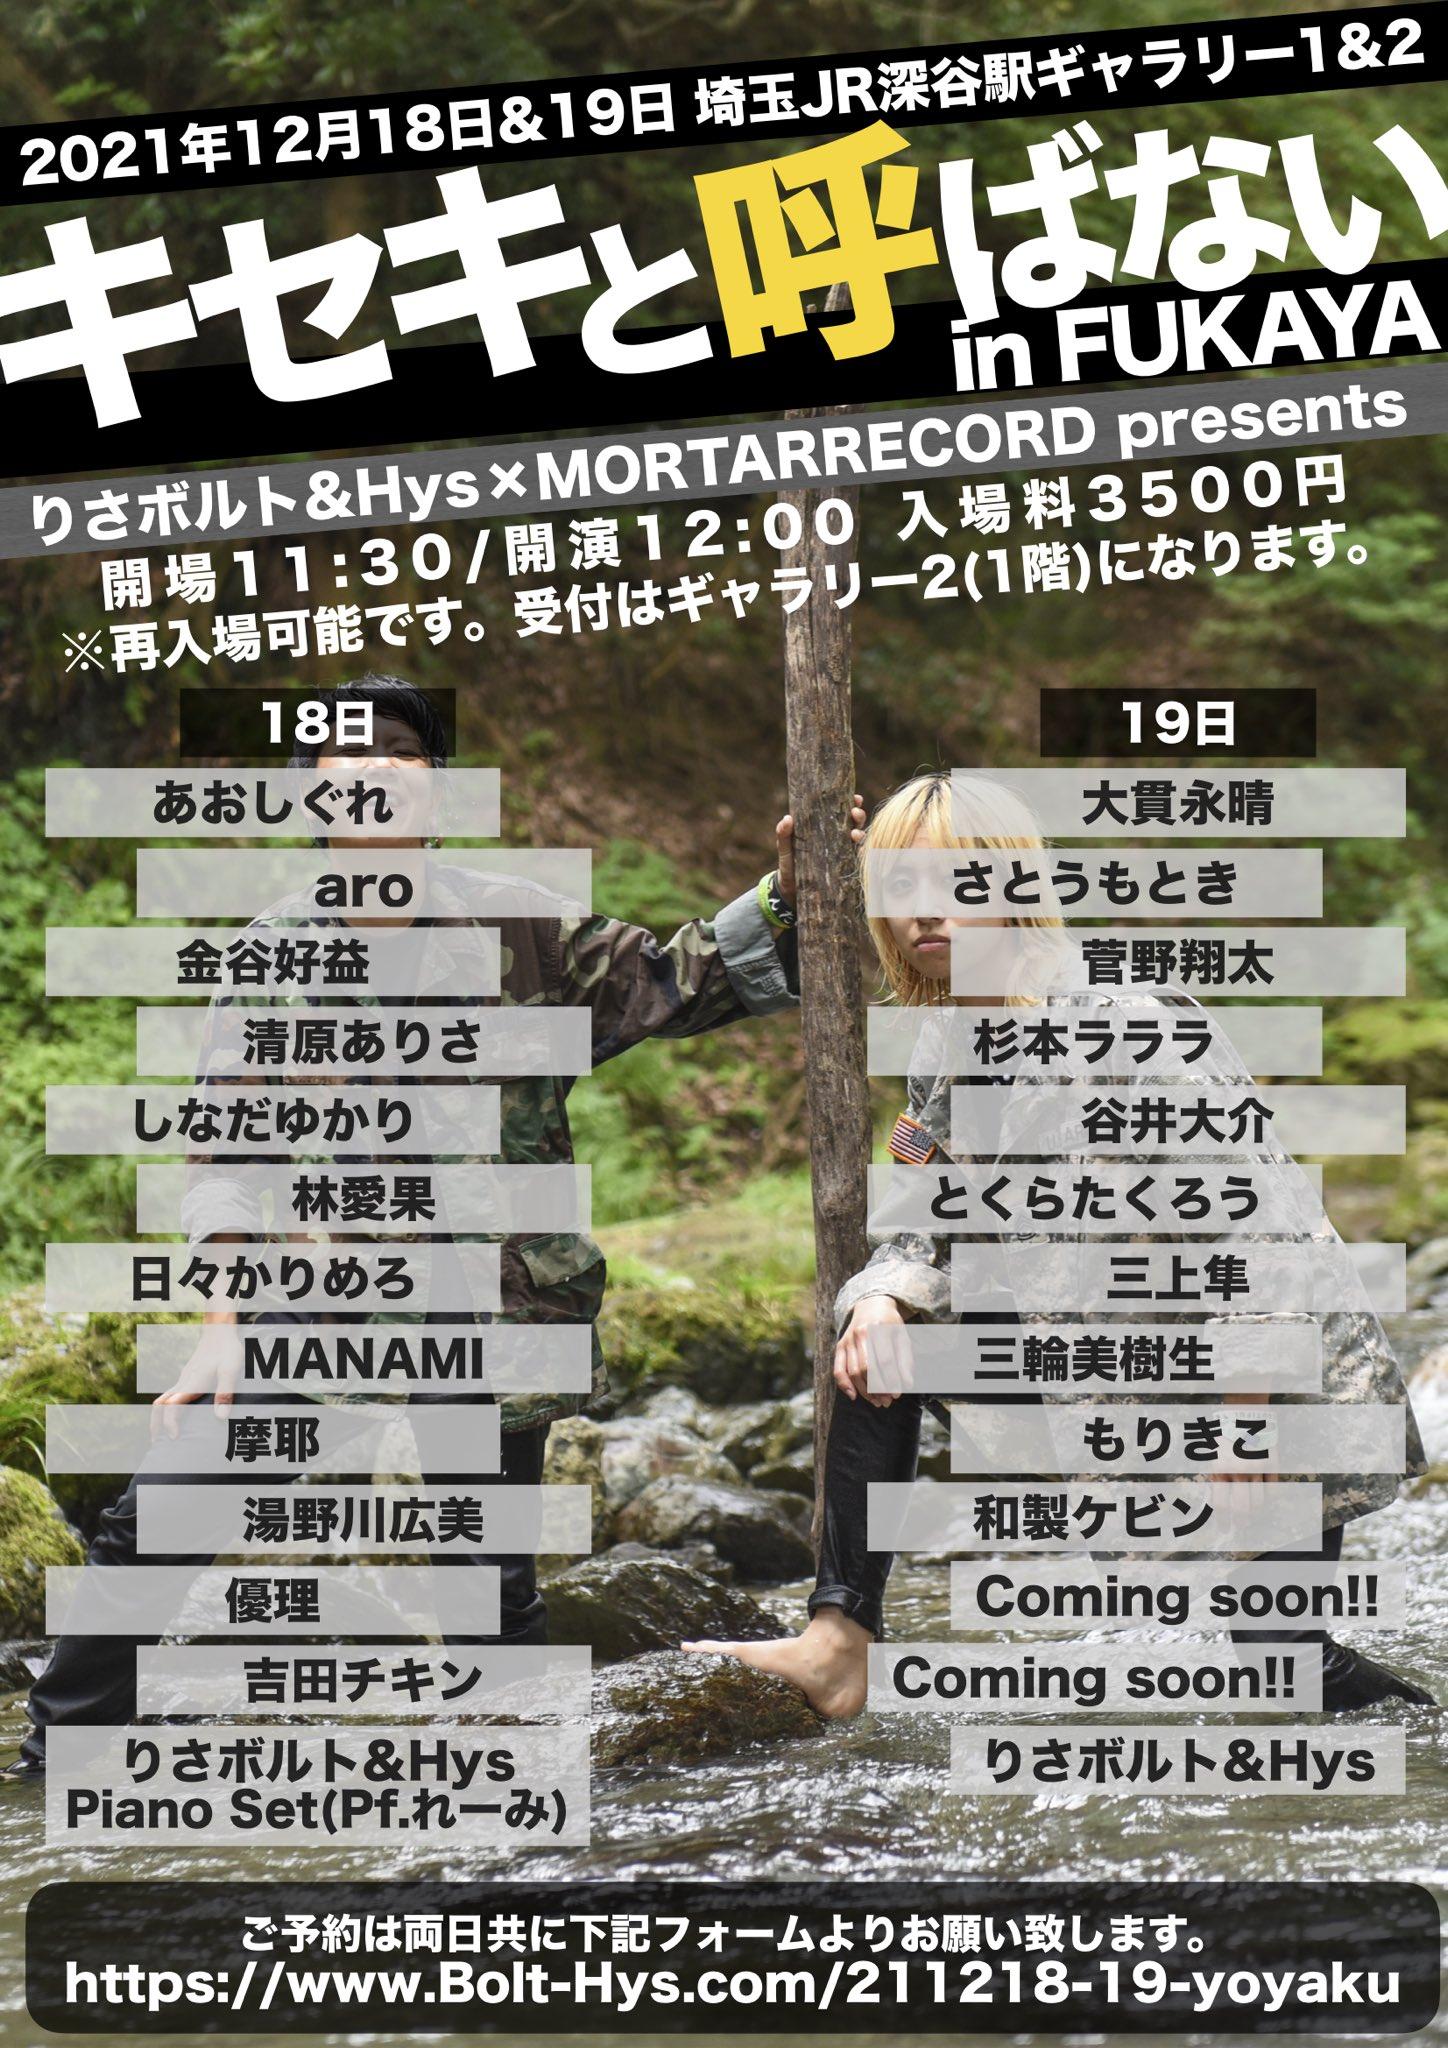 りさボルト&Hys×MORTAR RECORD presents 「キセキと呼ばない IN FUKAYA」